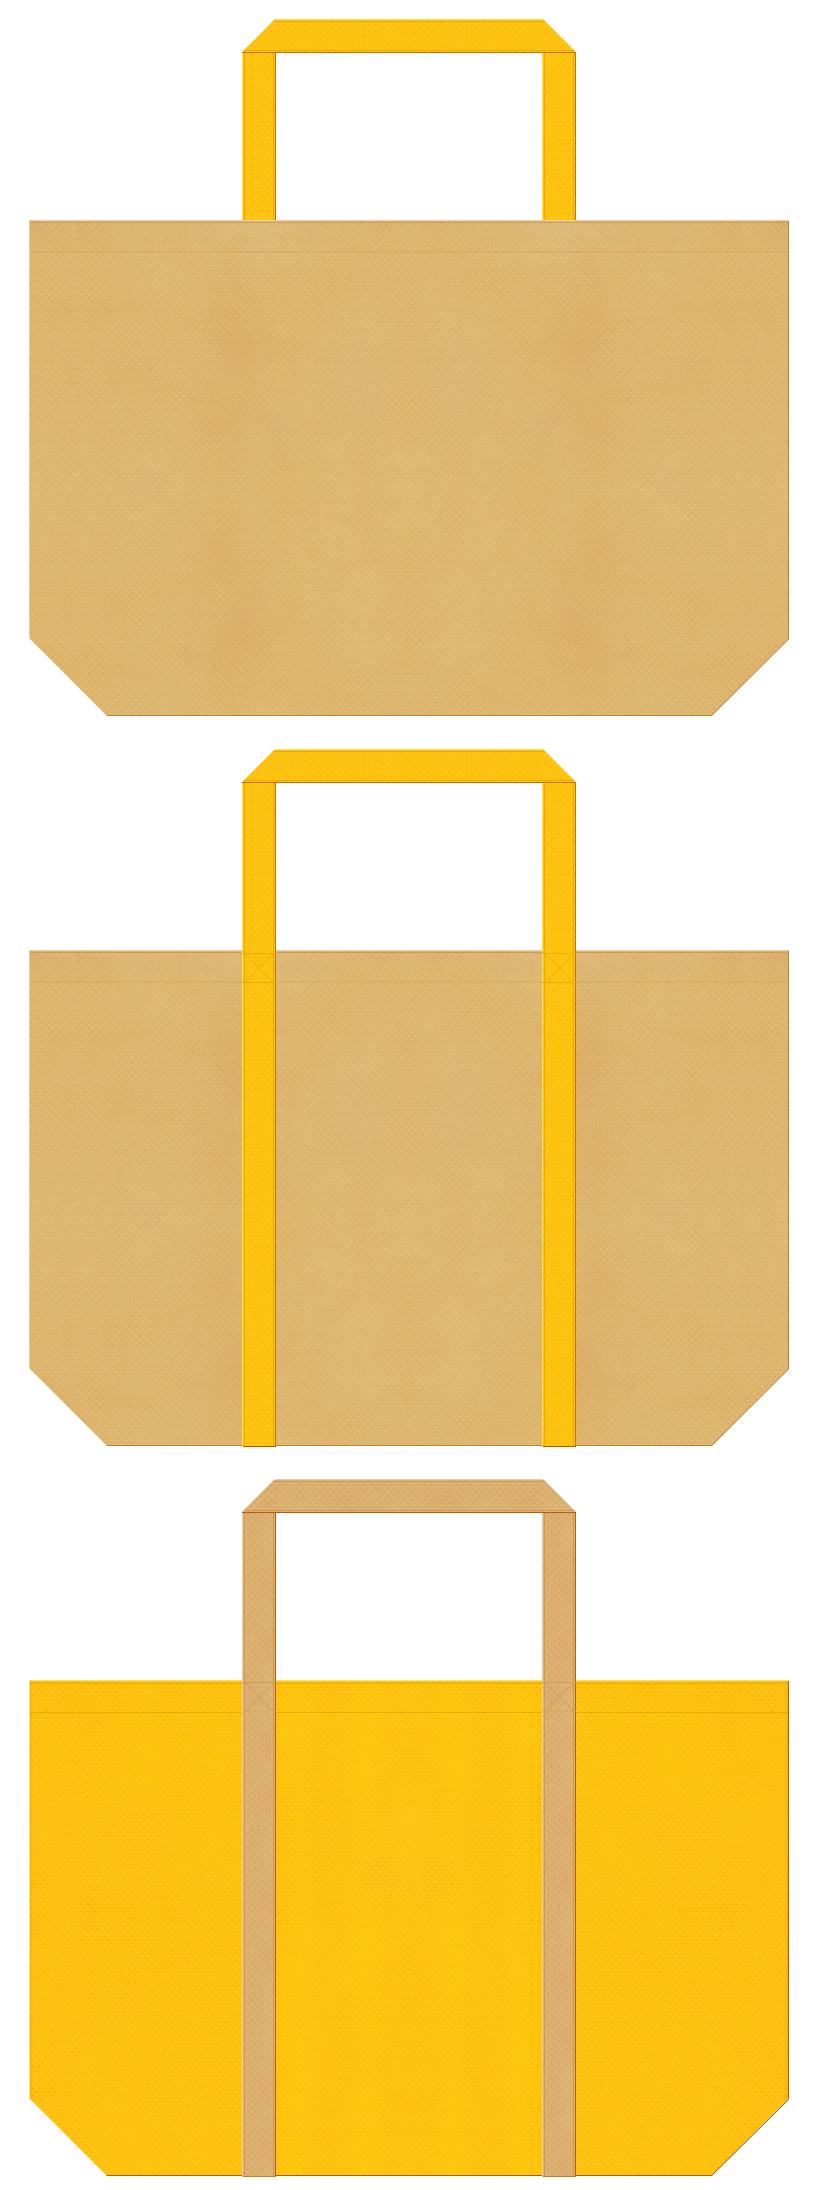 薄黄土色と黄色の不織布ショッピングバッグデザイン。ピーナツバター風